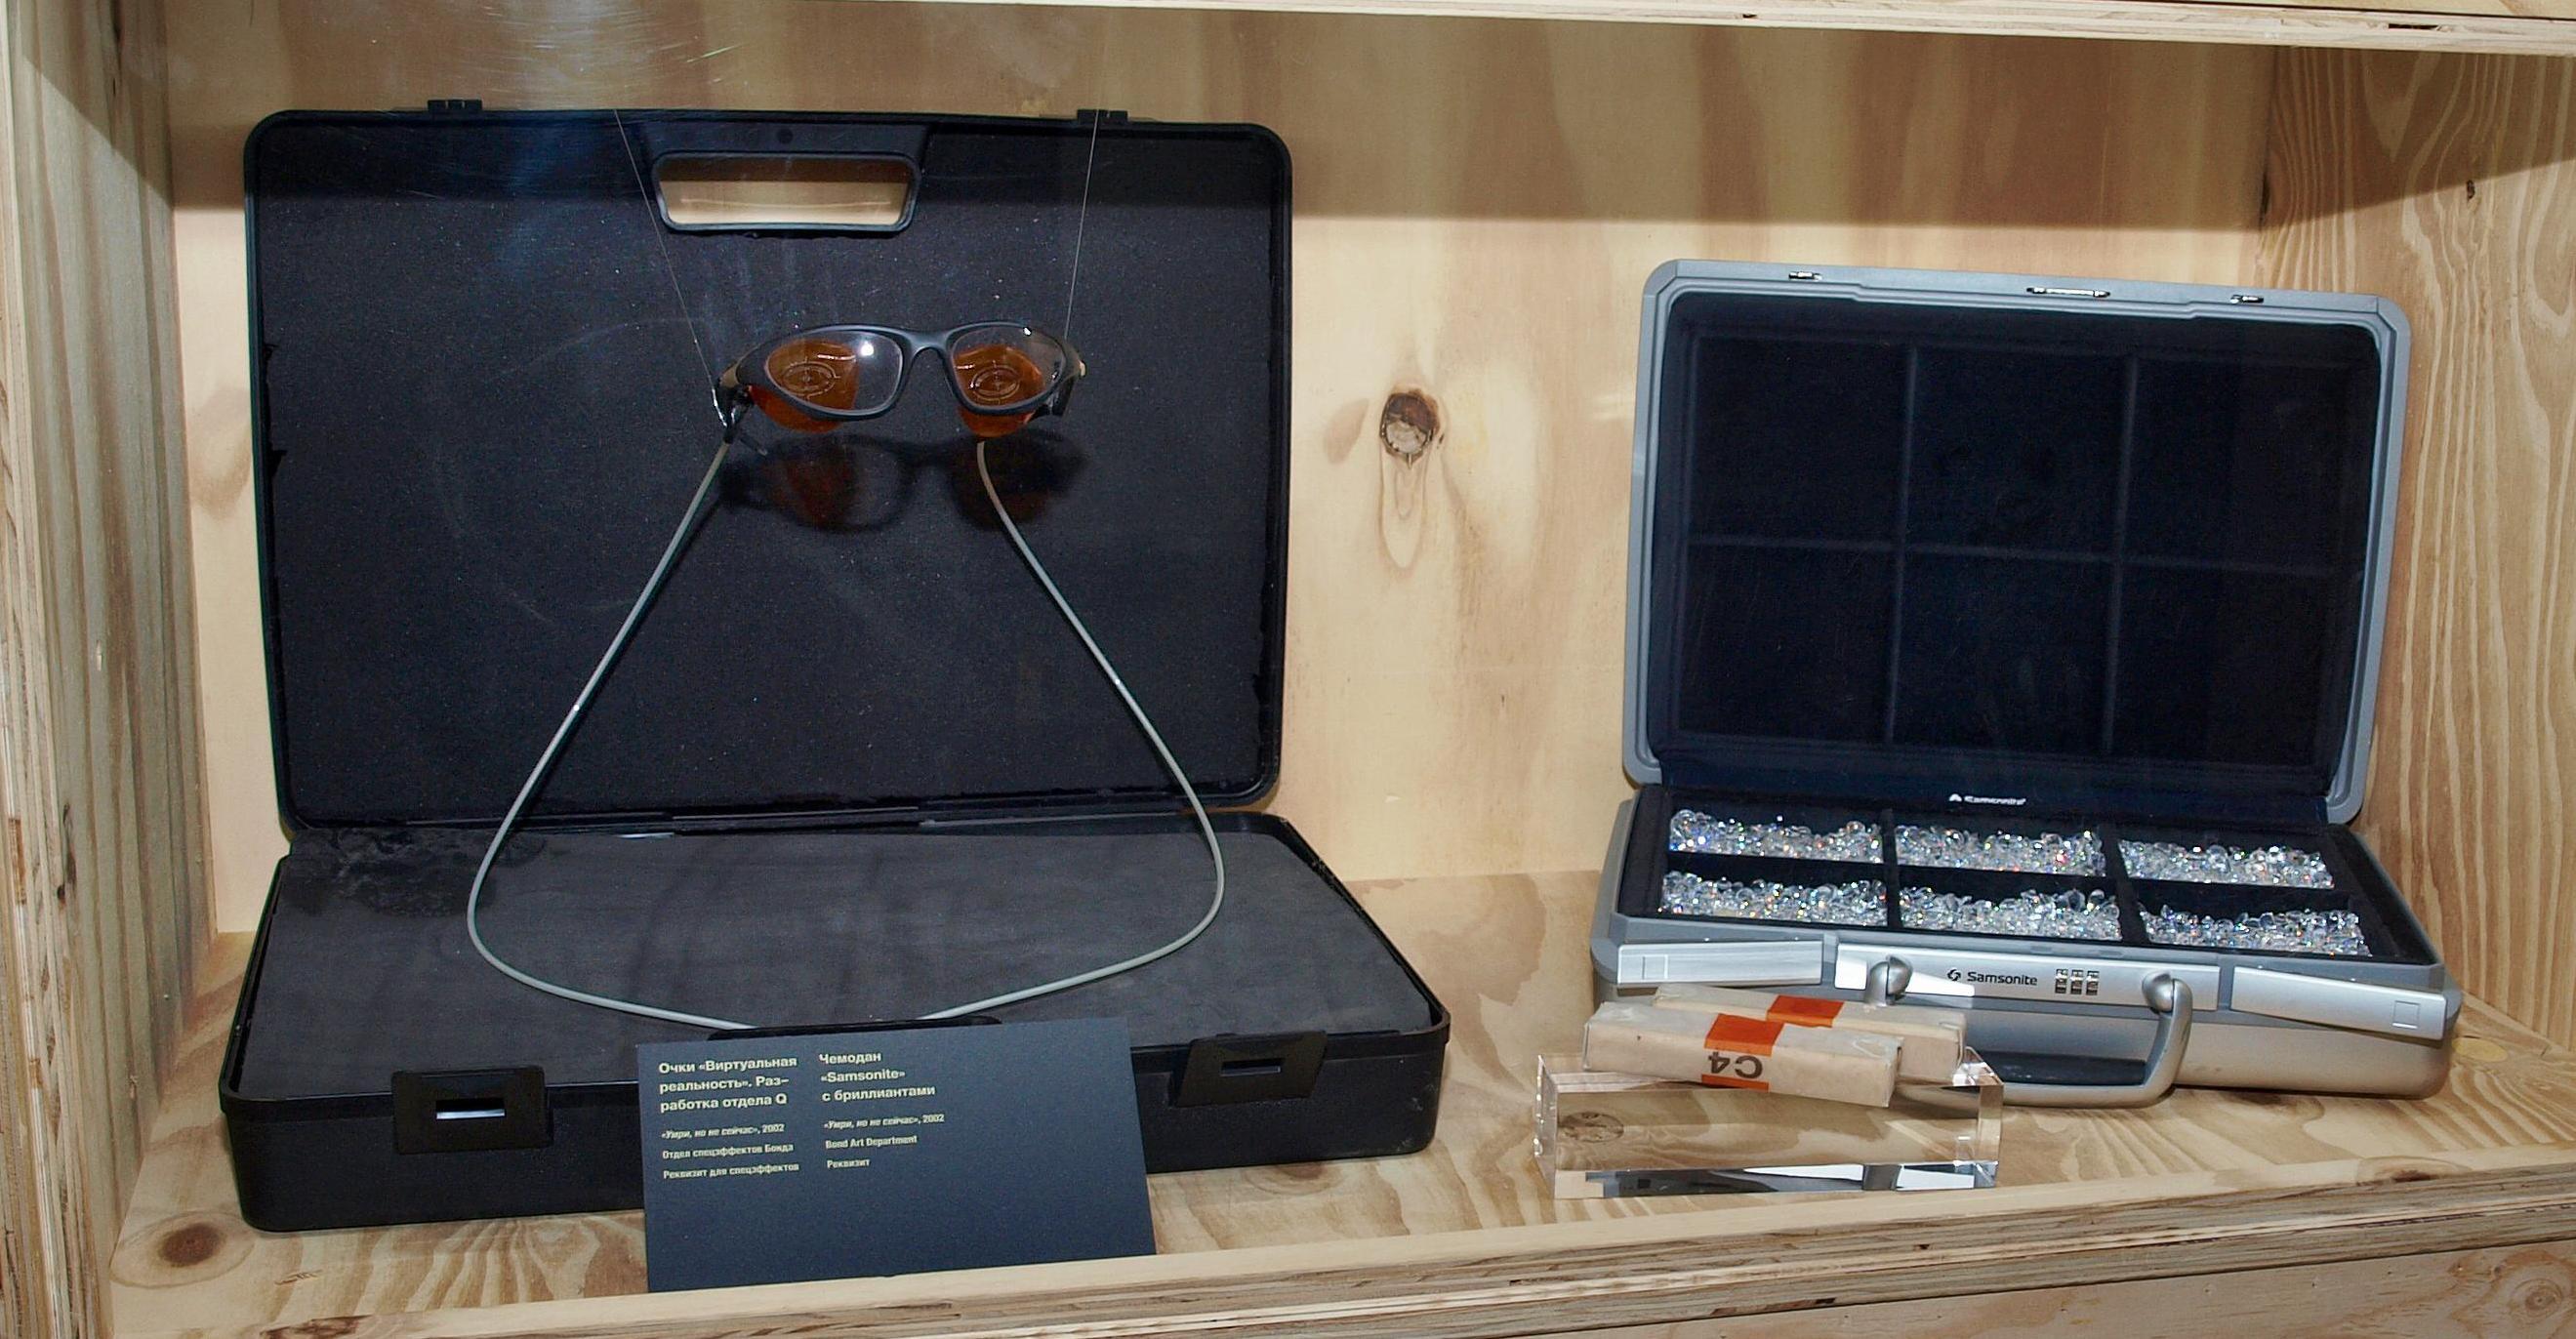 Чемодан с бриллиантами и спецочки из «Умри, но не сейчас». Фотография Малец Михаила Георгиевича